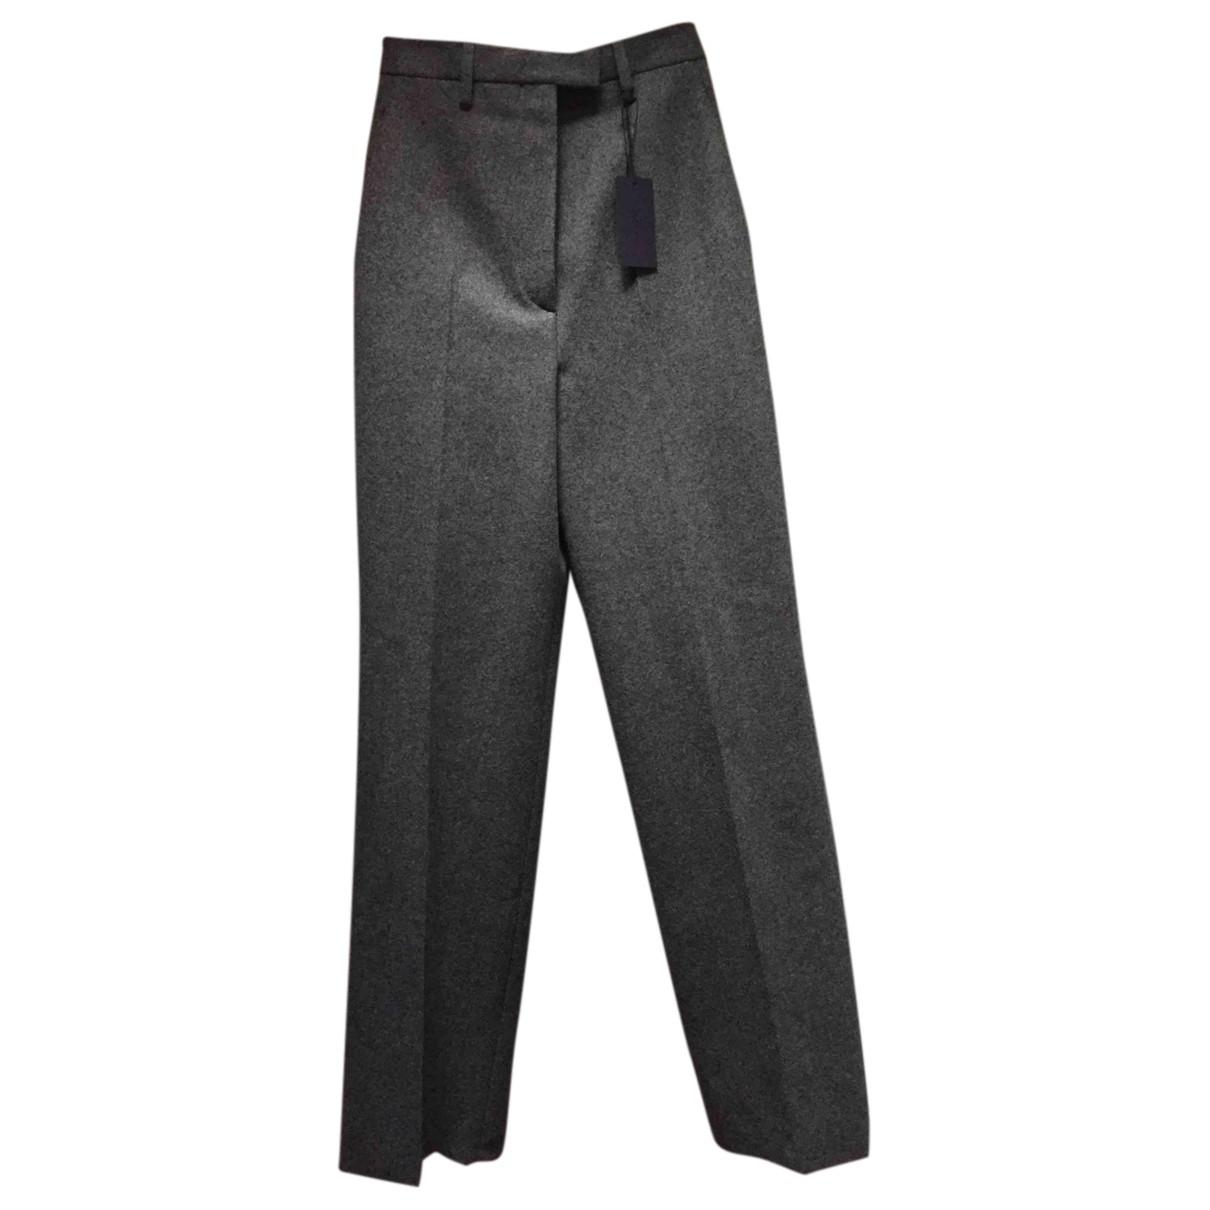 Pantalon recto de Lana Prada